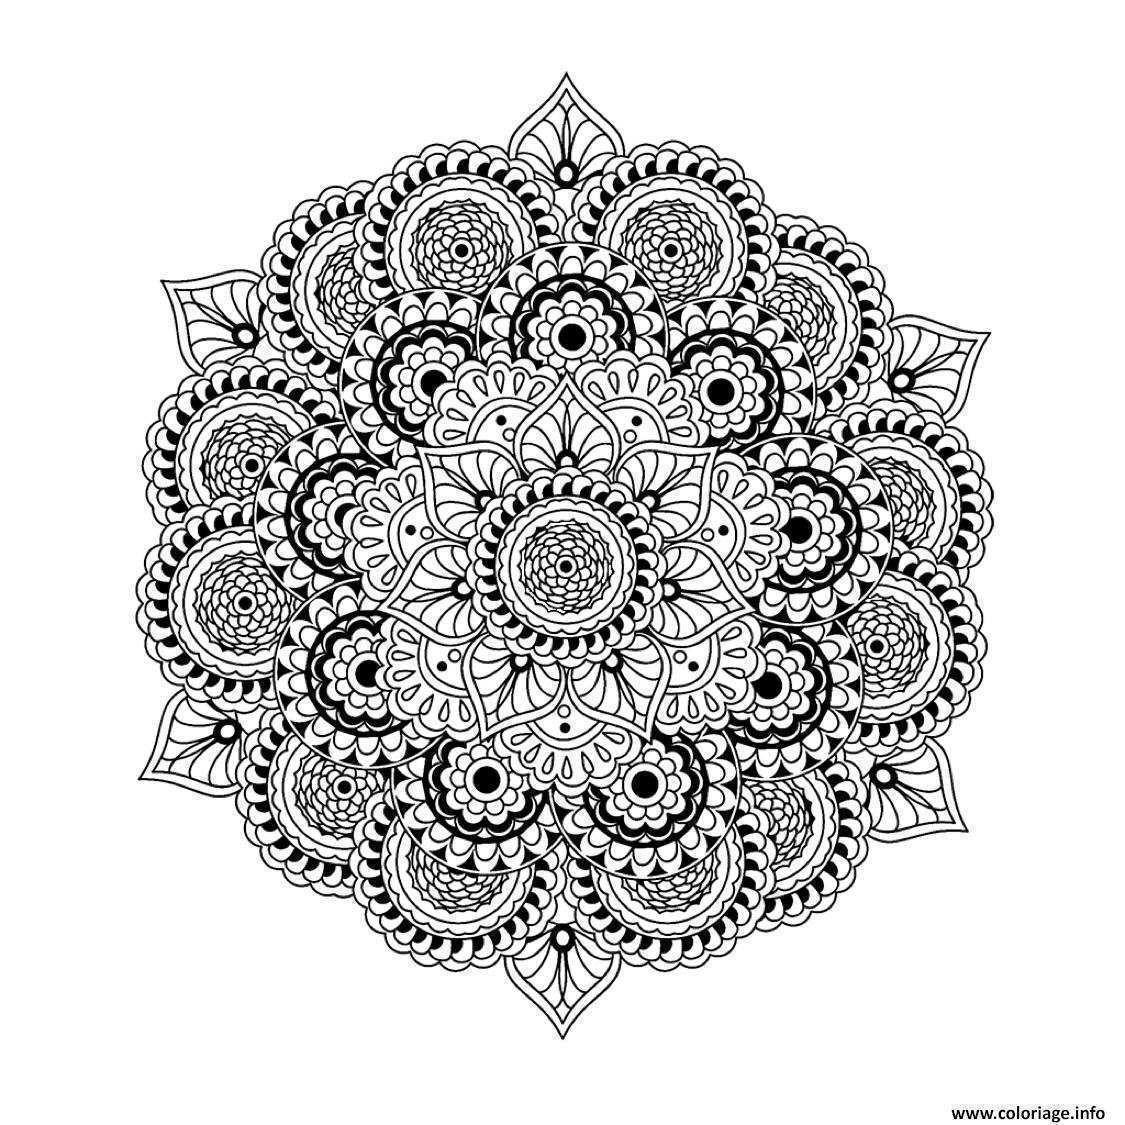 Coloriage De Mandala Tres Difficile | Coloriages À Imprimer serapportantà Coloriage Magique Dur